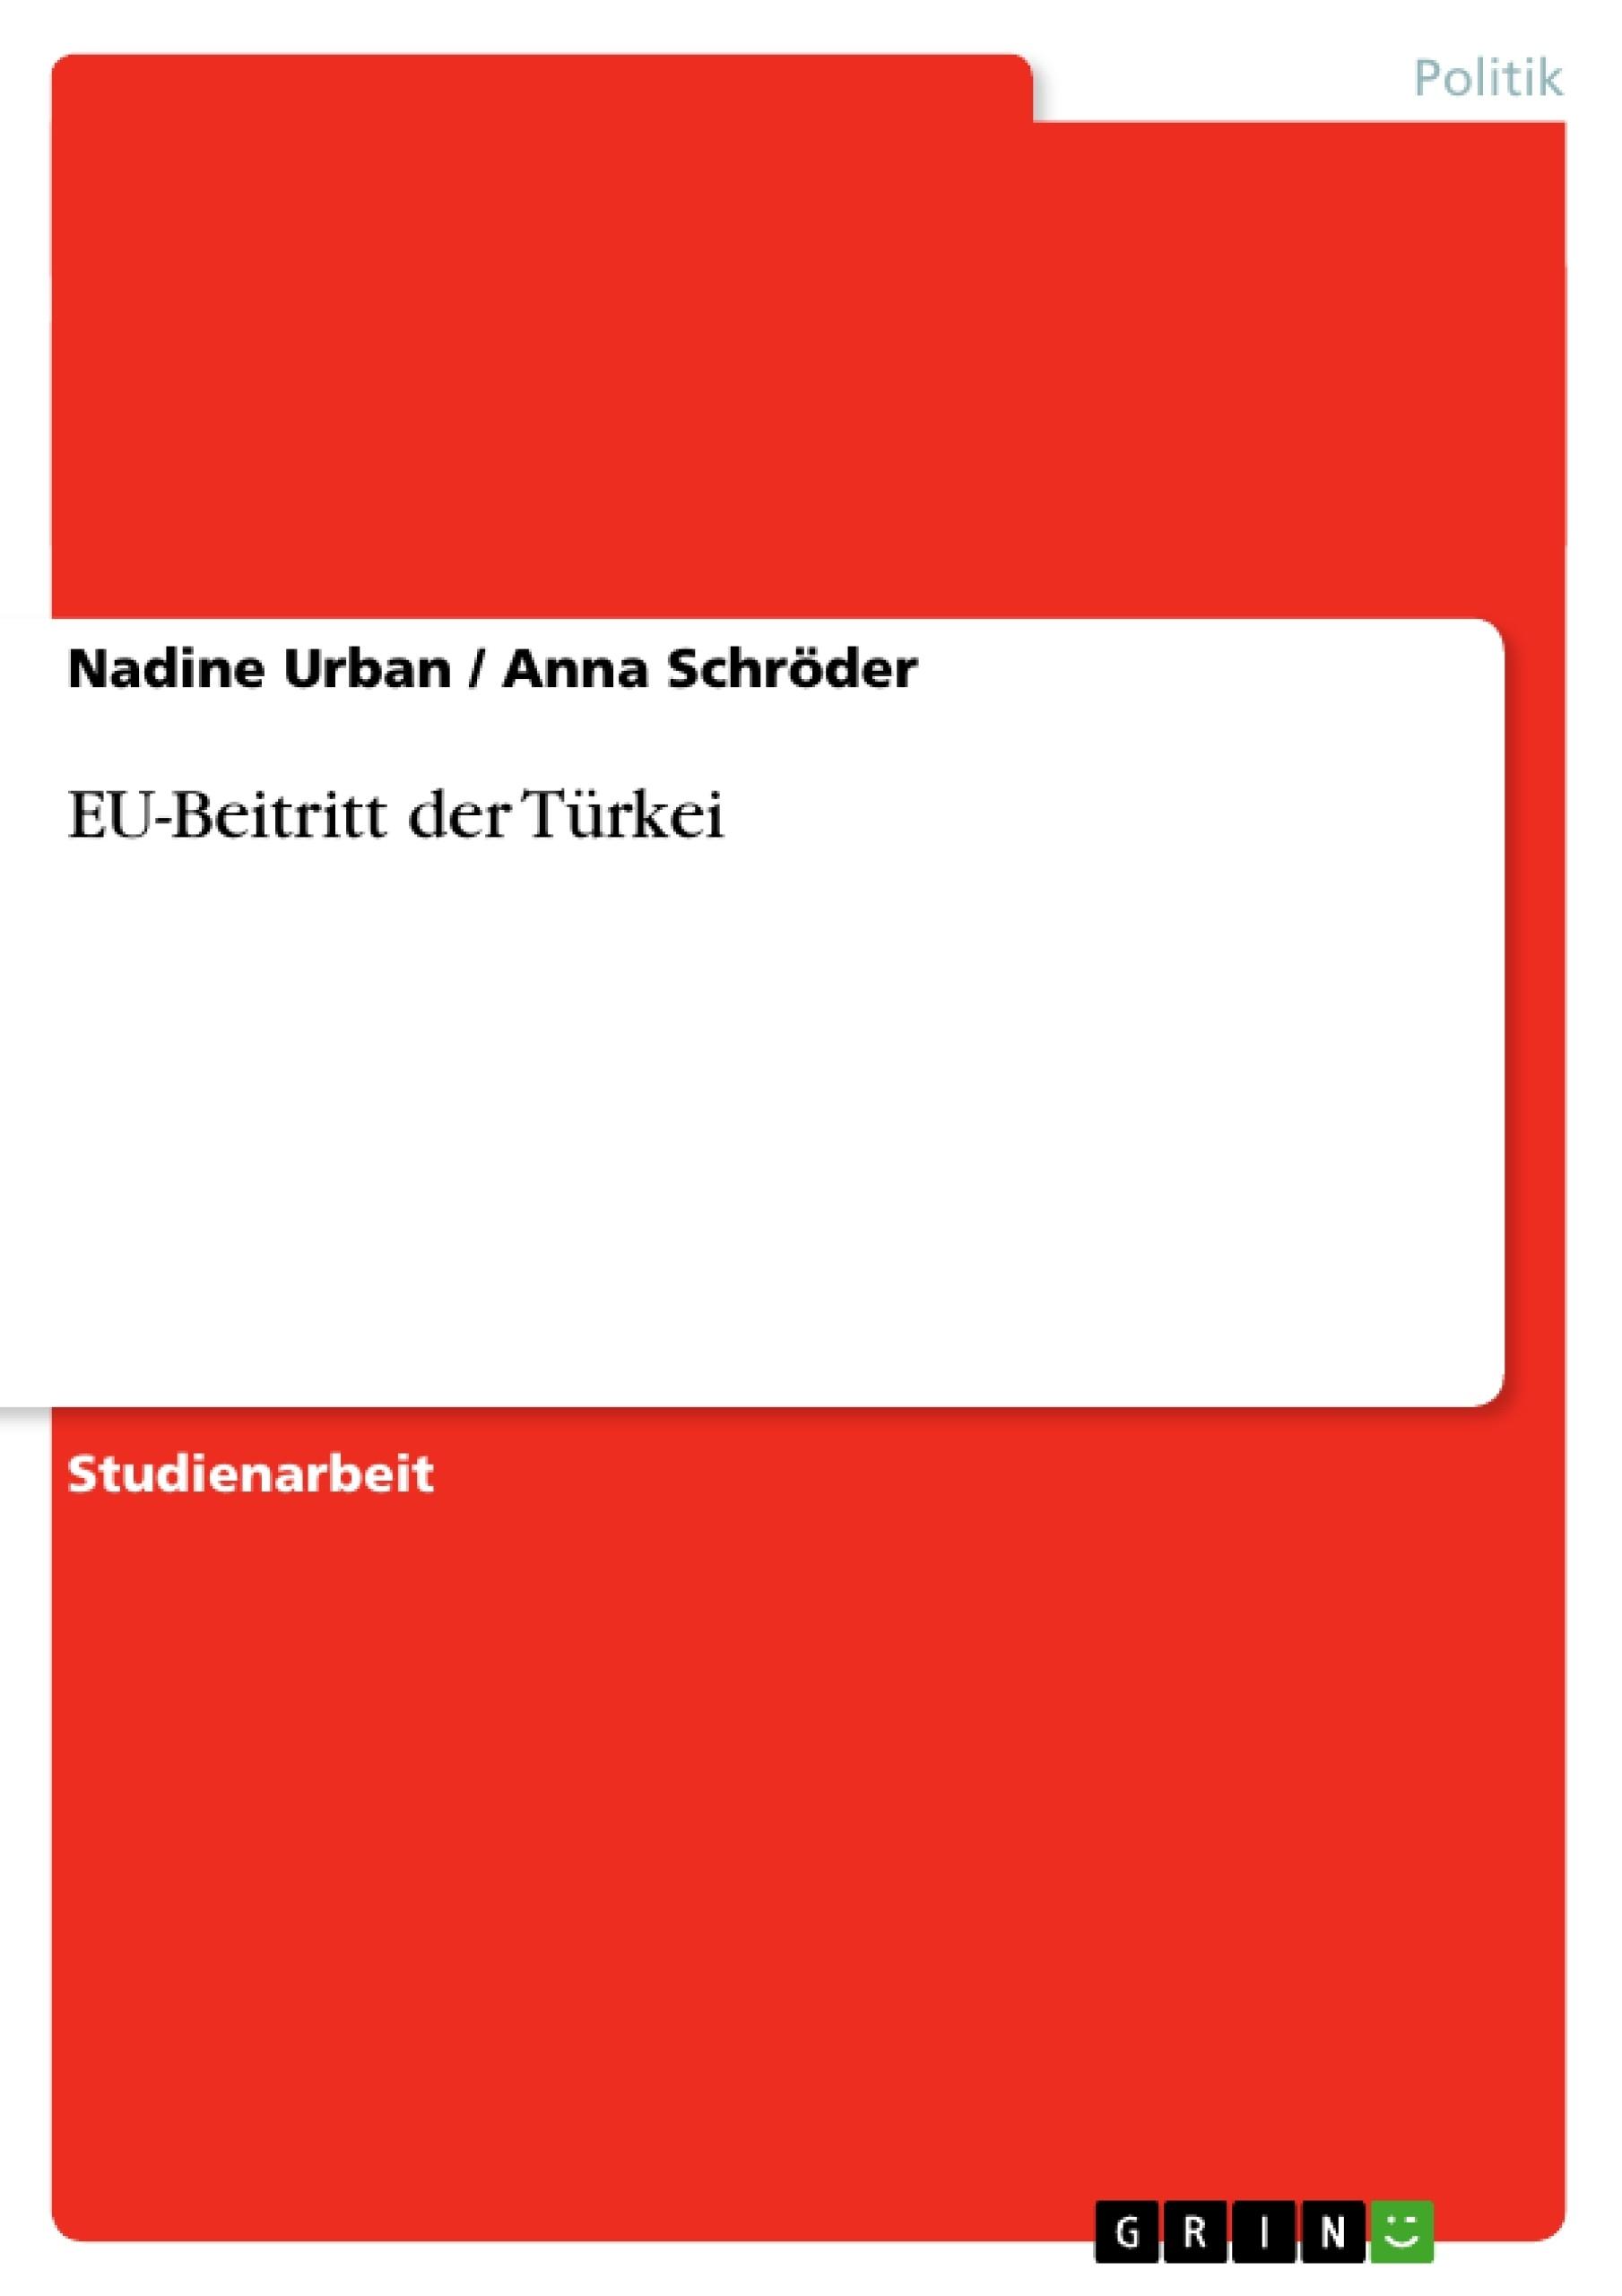 Titel: EU-Beitritt der Türkei